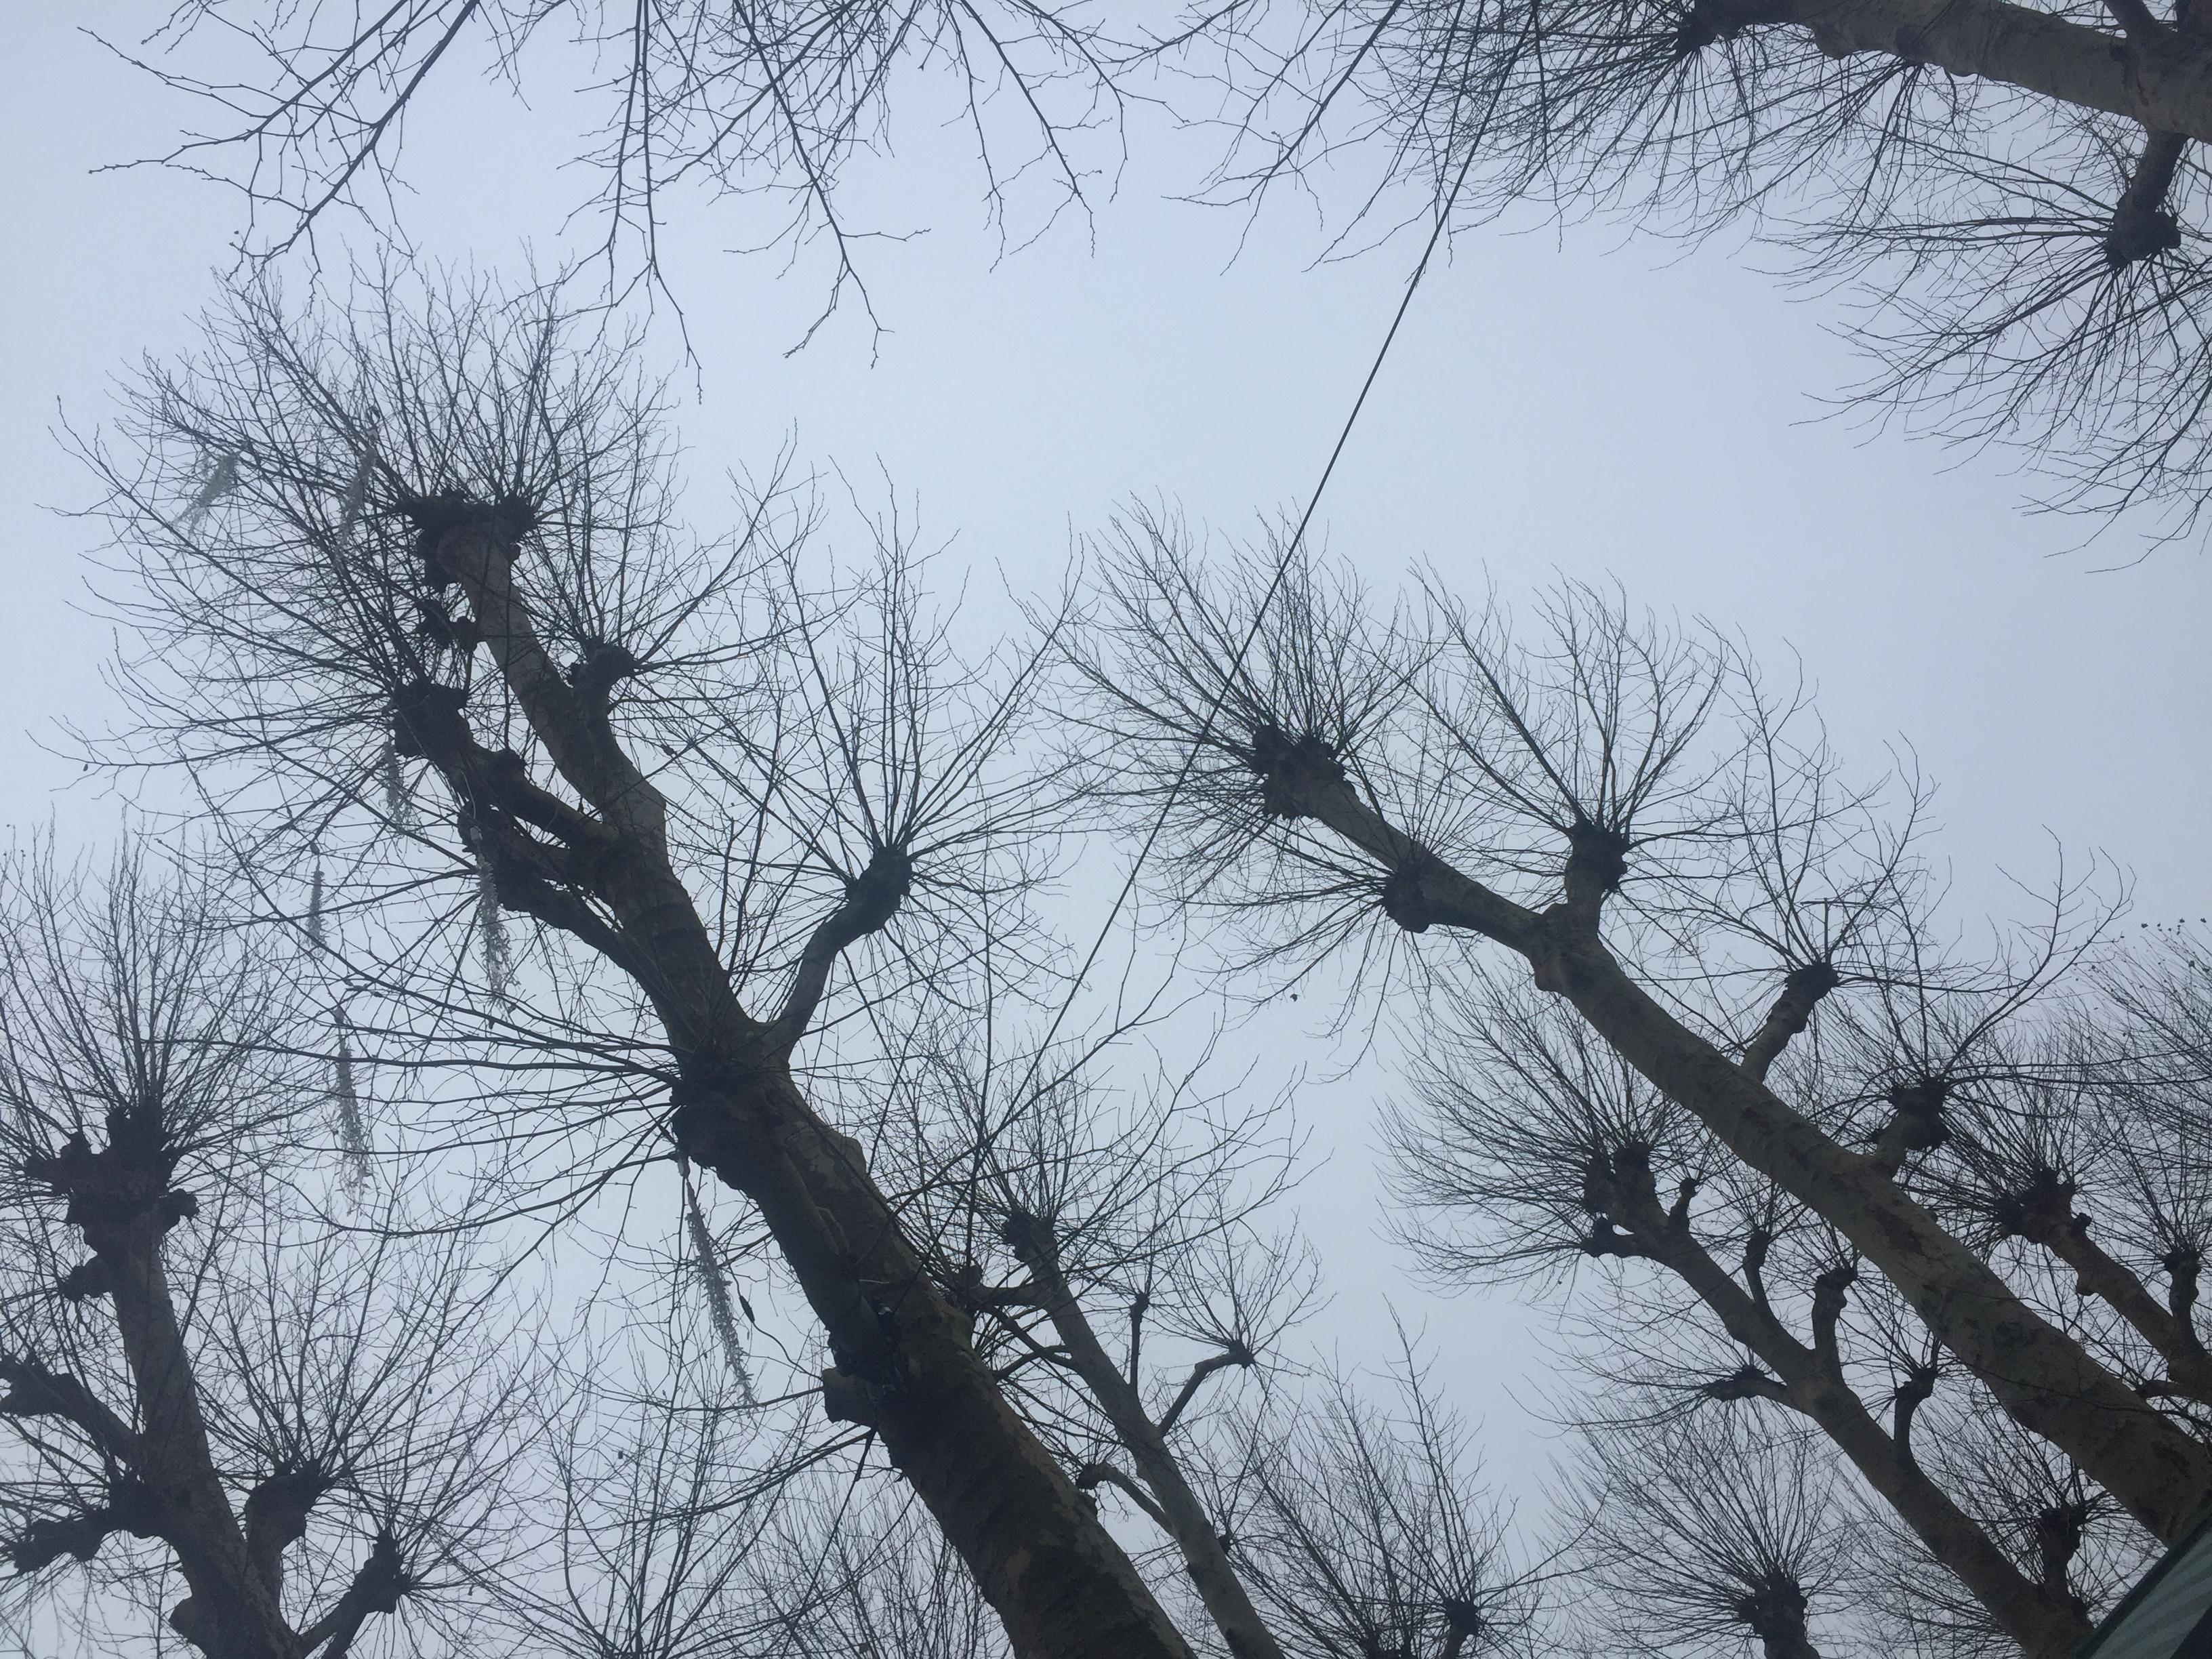 Trees look like micro-organism